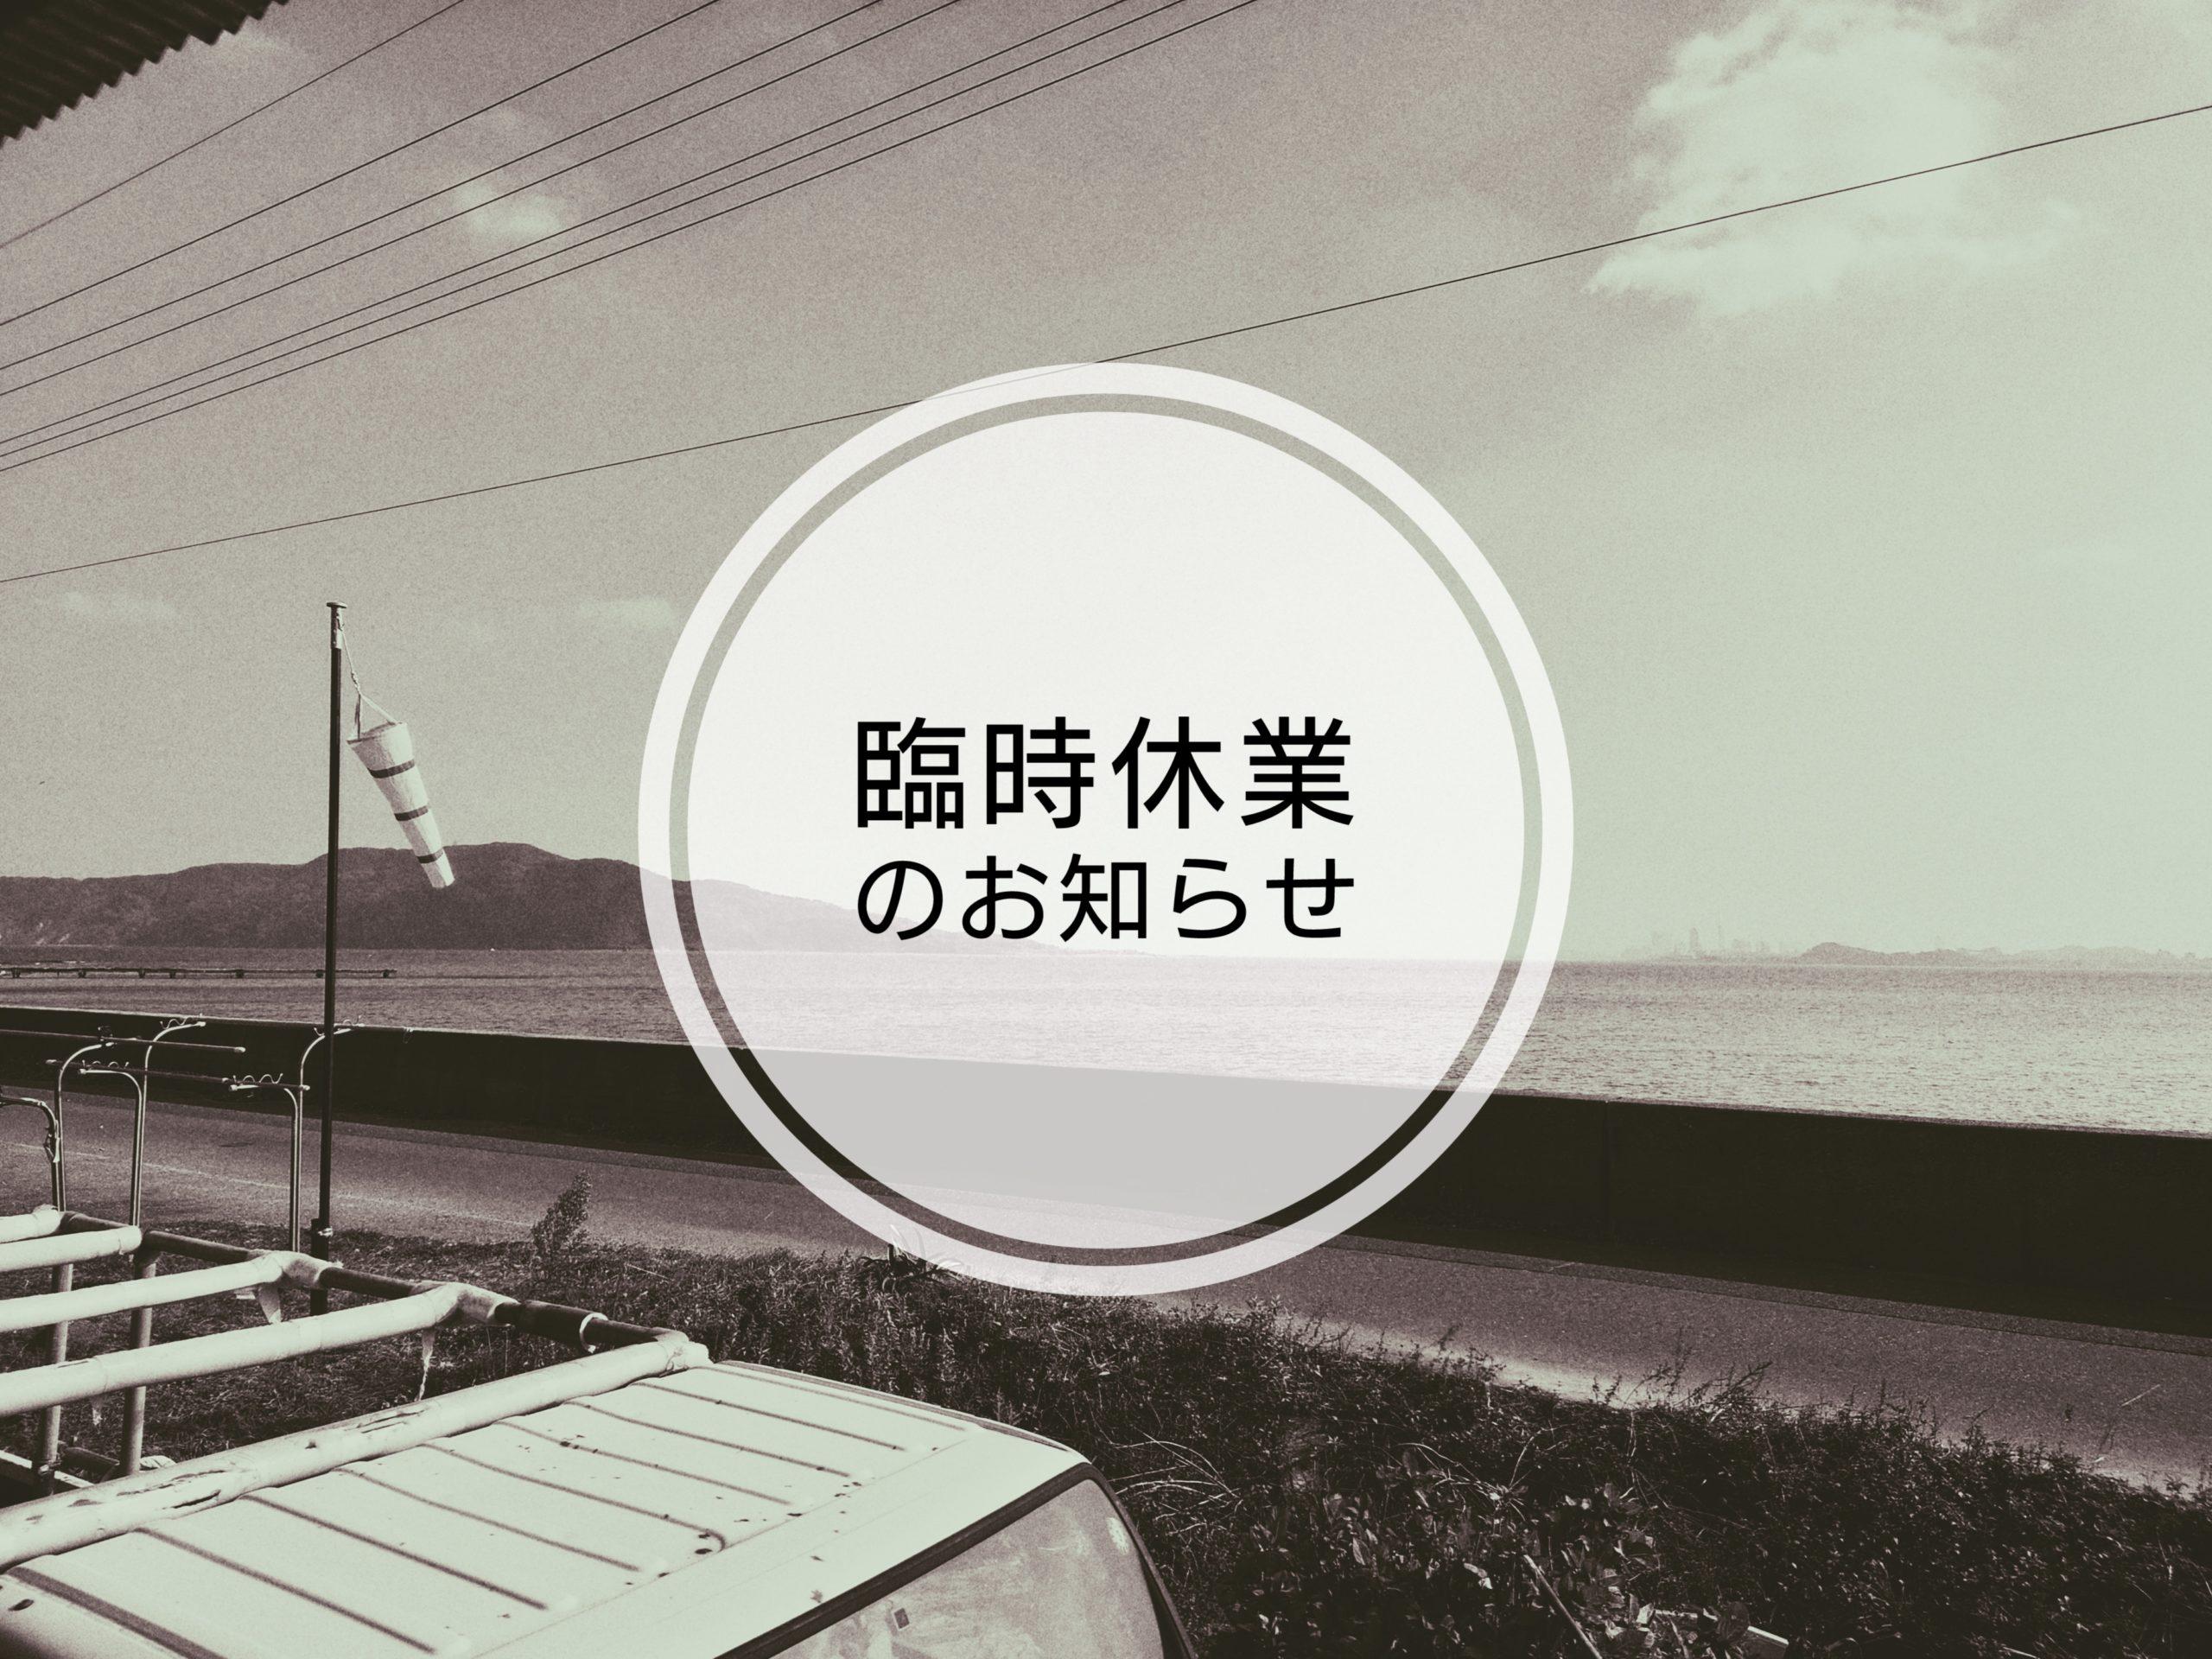 10月7日(木)臨時休業のお知らせ